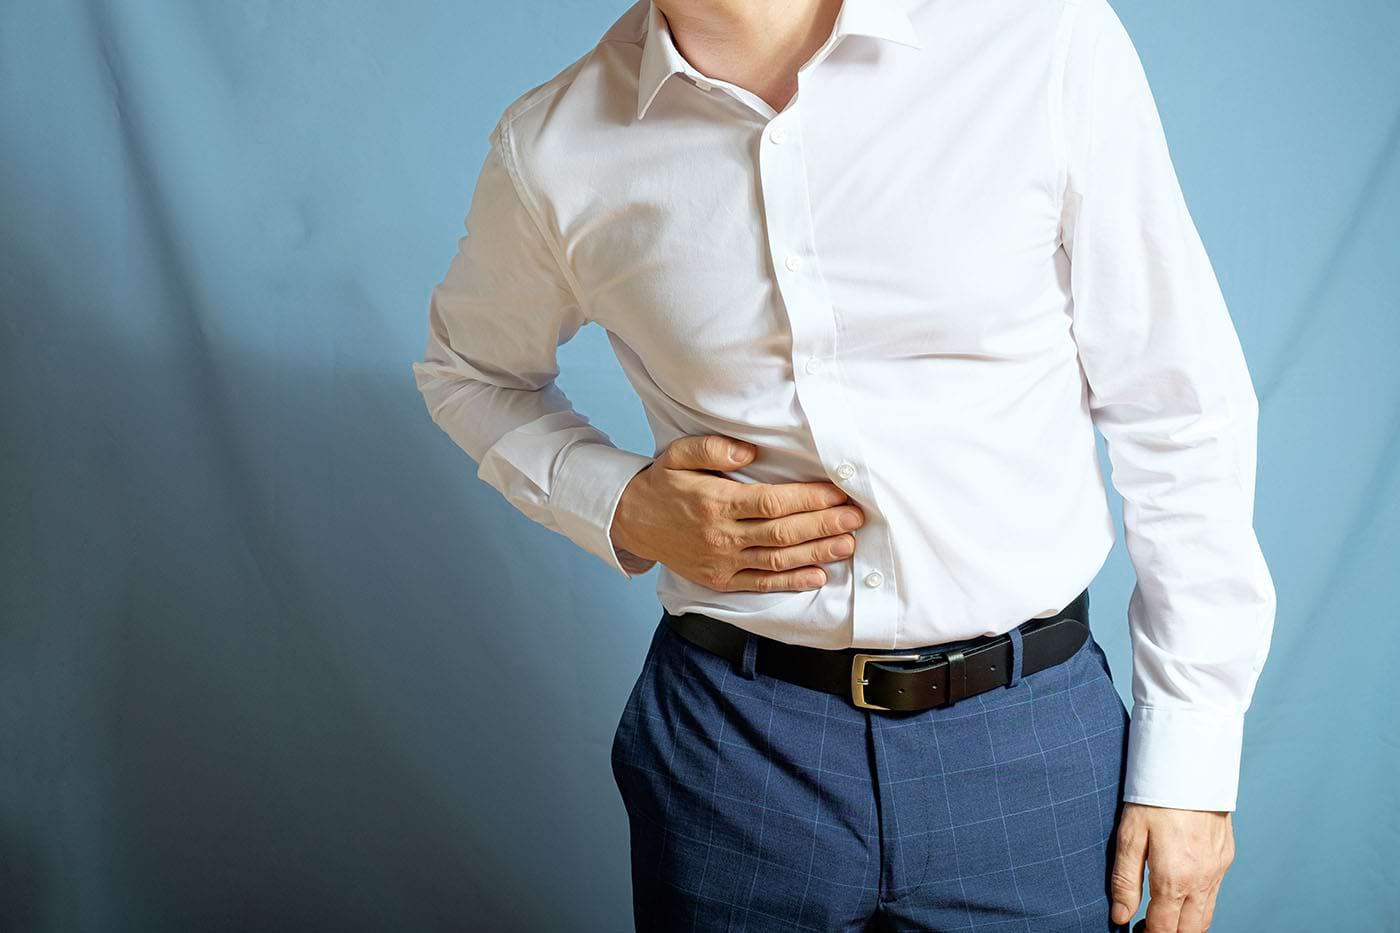 Cum îți deteriorezi ficatul fără să-ți dai seama? Top 5 măsuri de prevenție